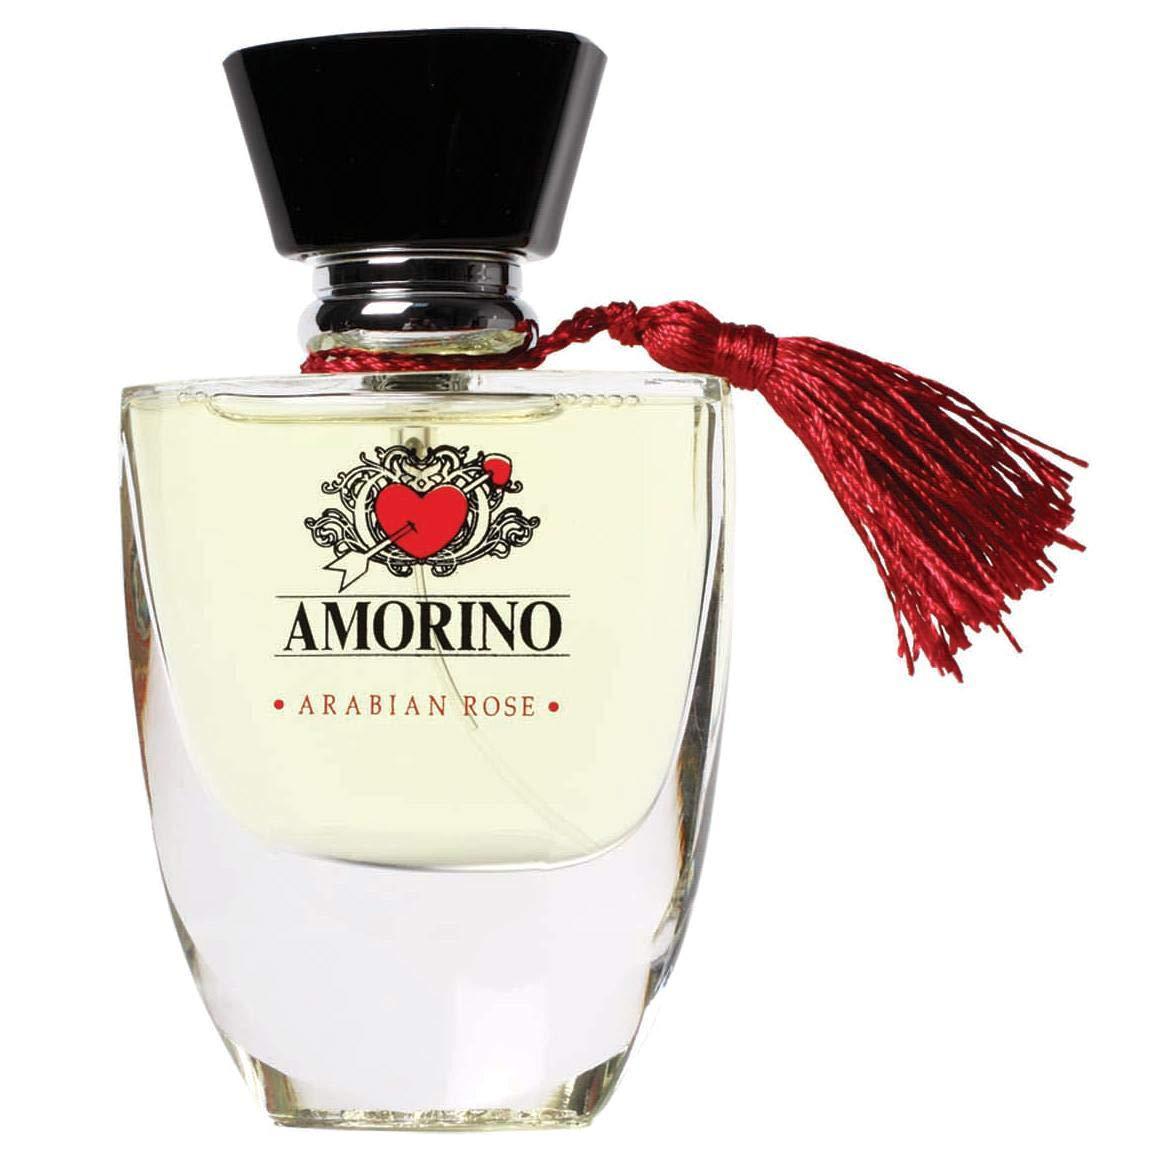 AMORINO Arabian Rose EDP 50ml